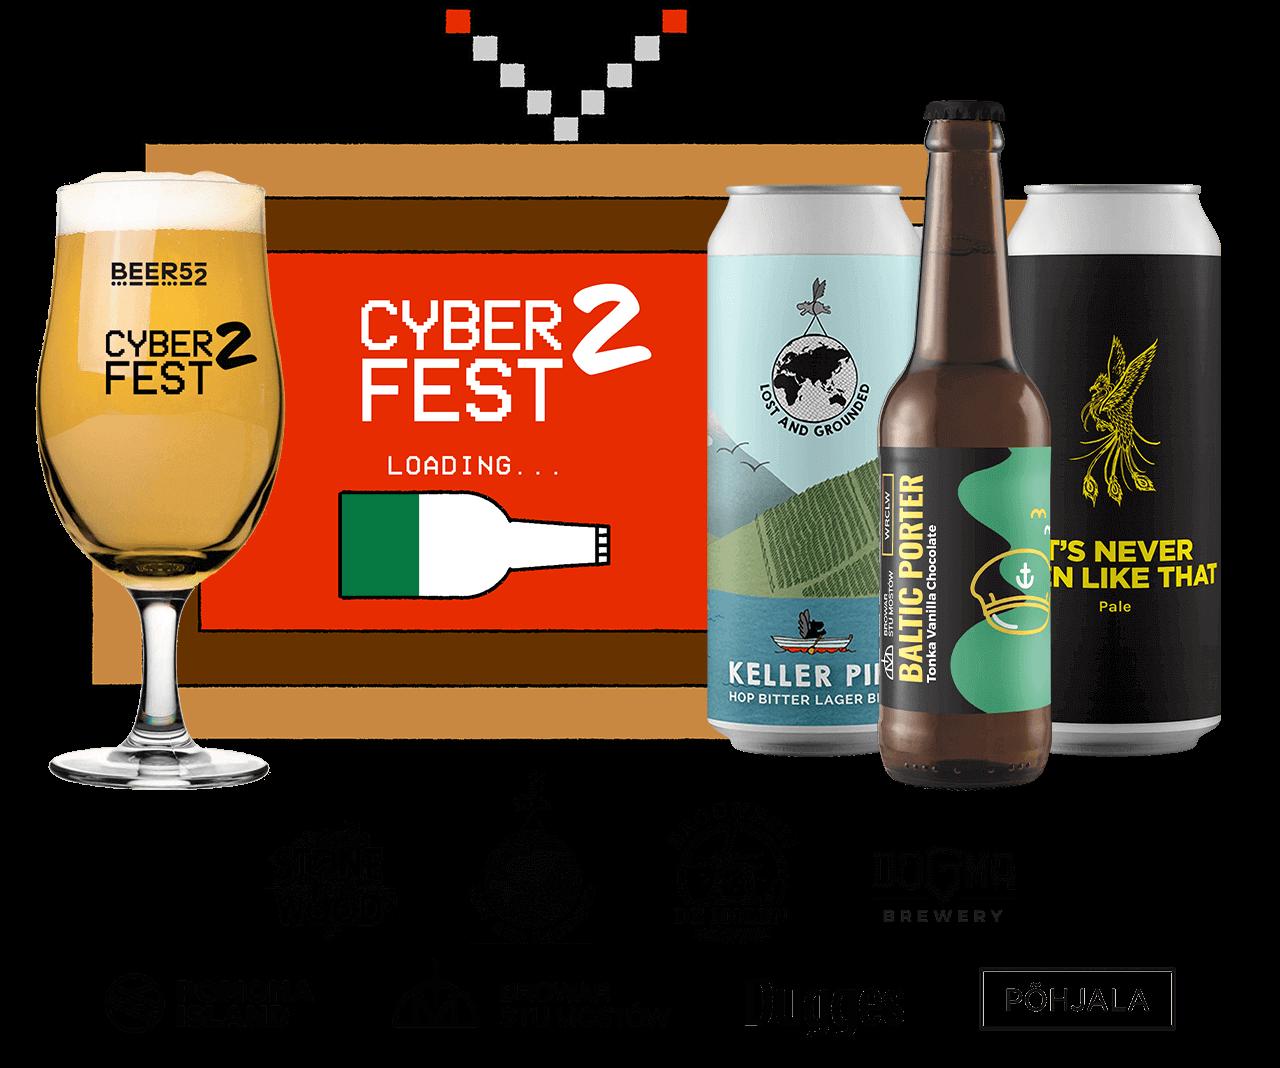 Cyberfest2-online-beer-festival-f@2x